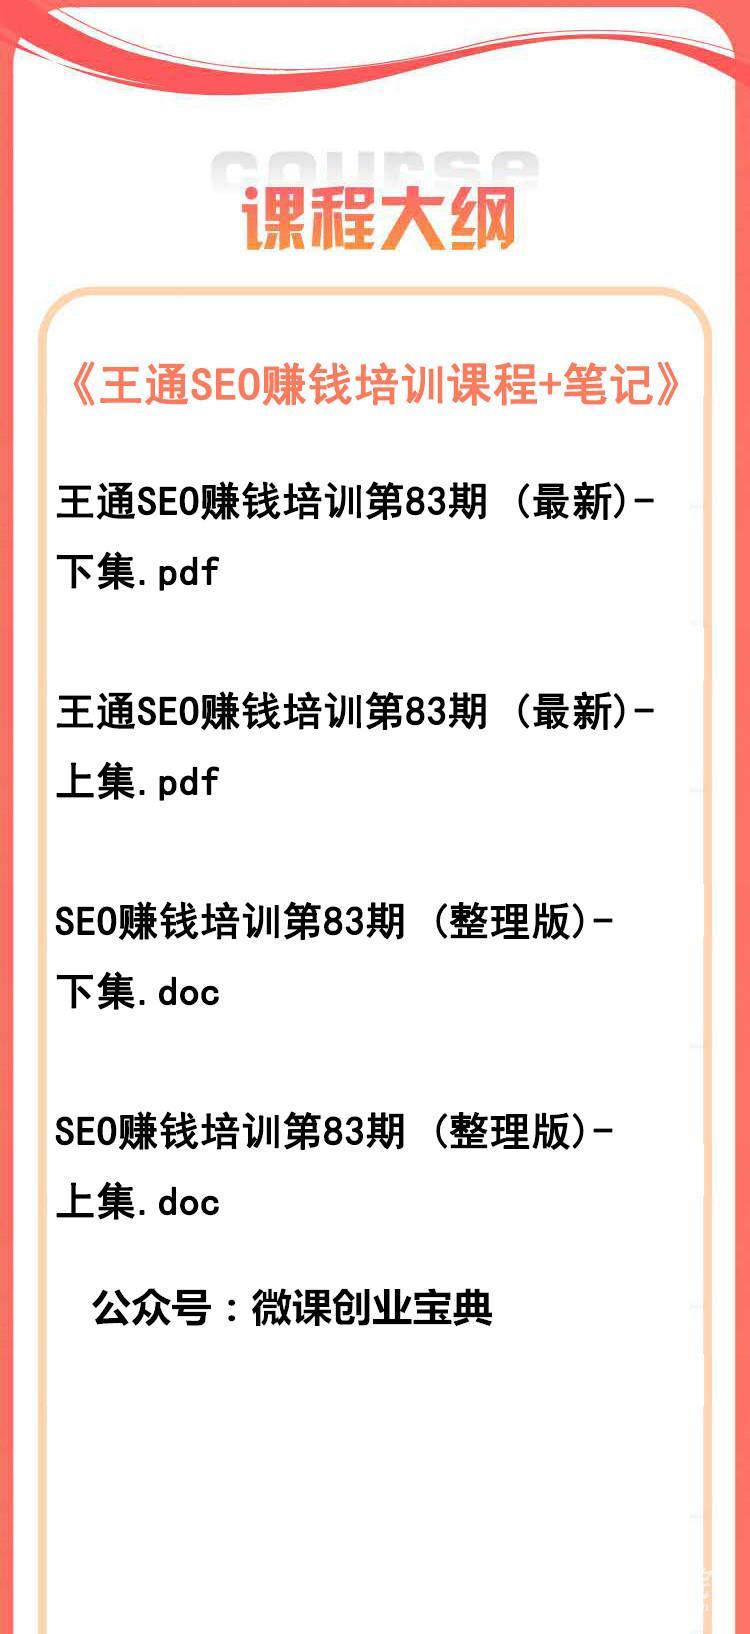 最新SEO赚钱培训完整版课程+笔记+《全套课件教程》